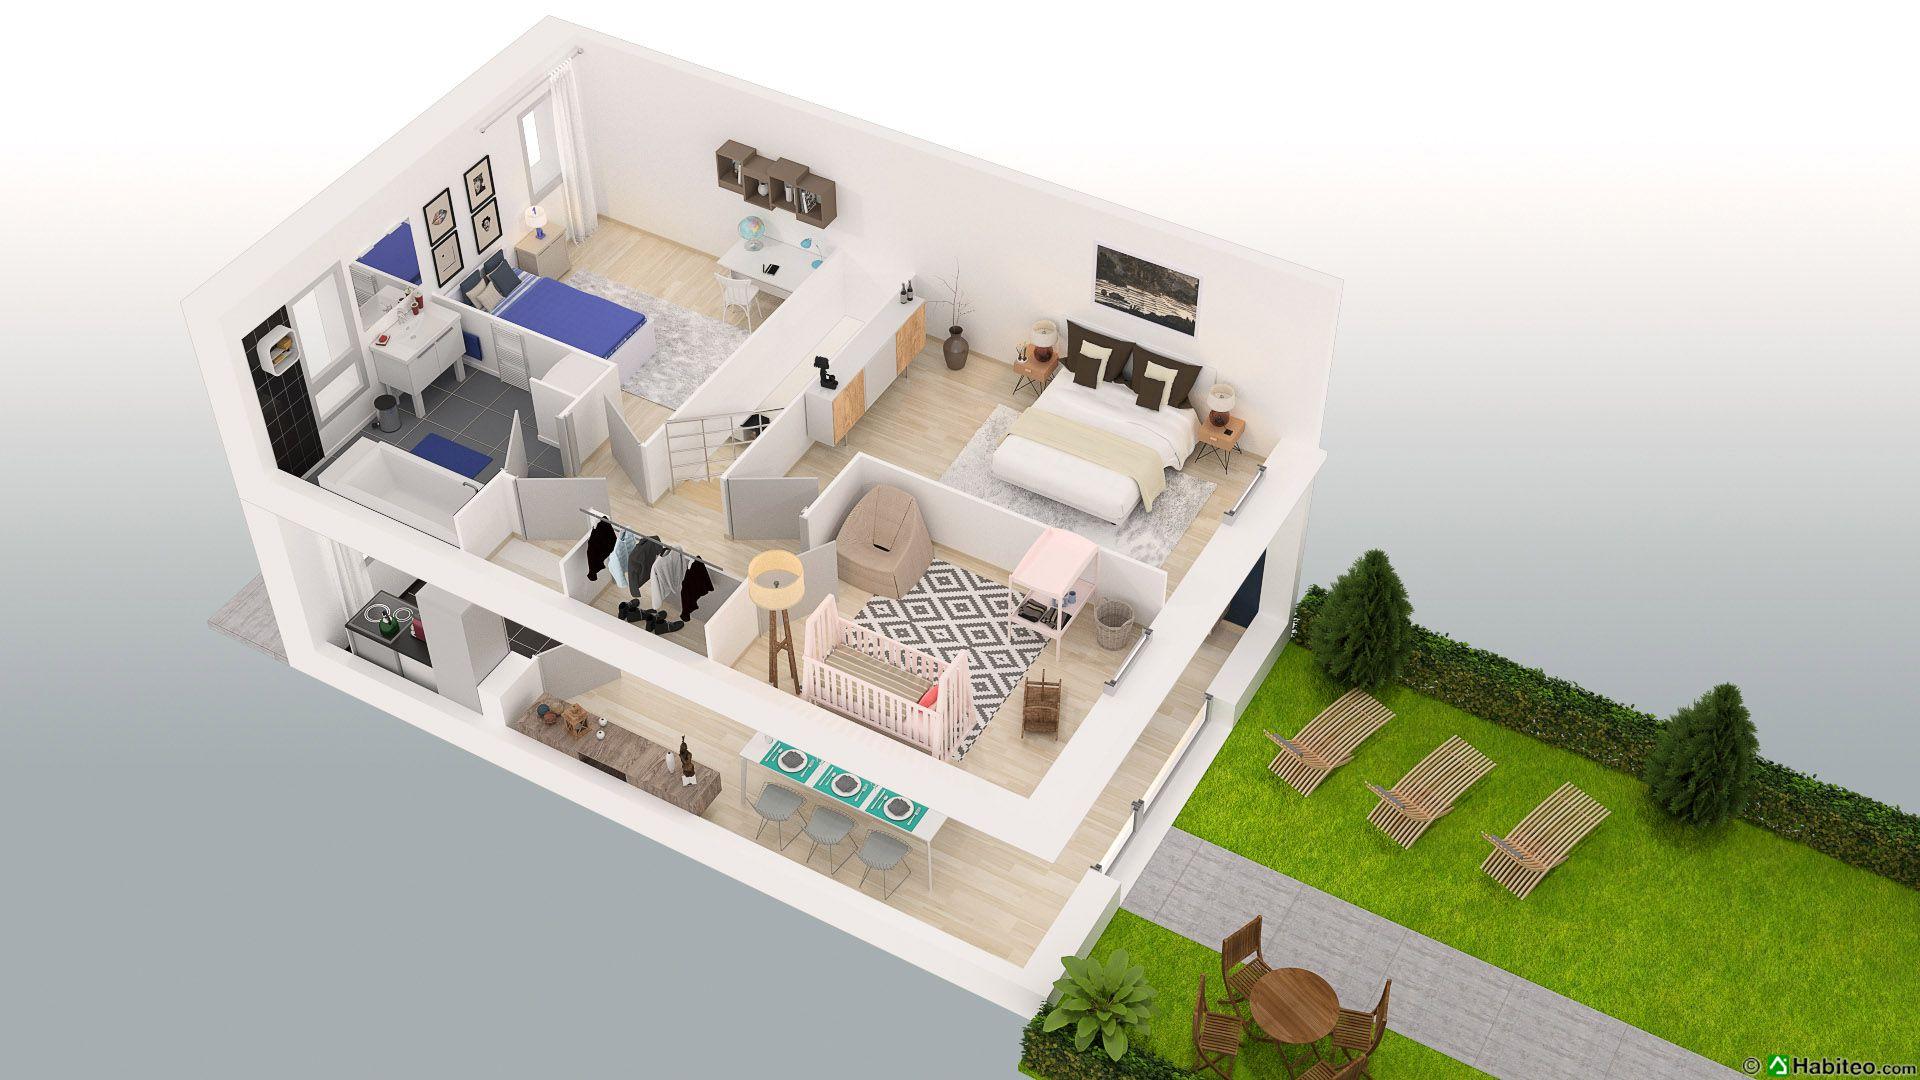 Plan 3d de létage dun appartement de la résidence la potennerie située